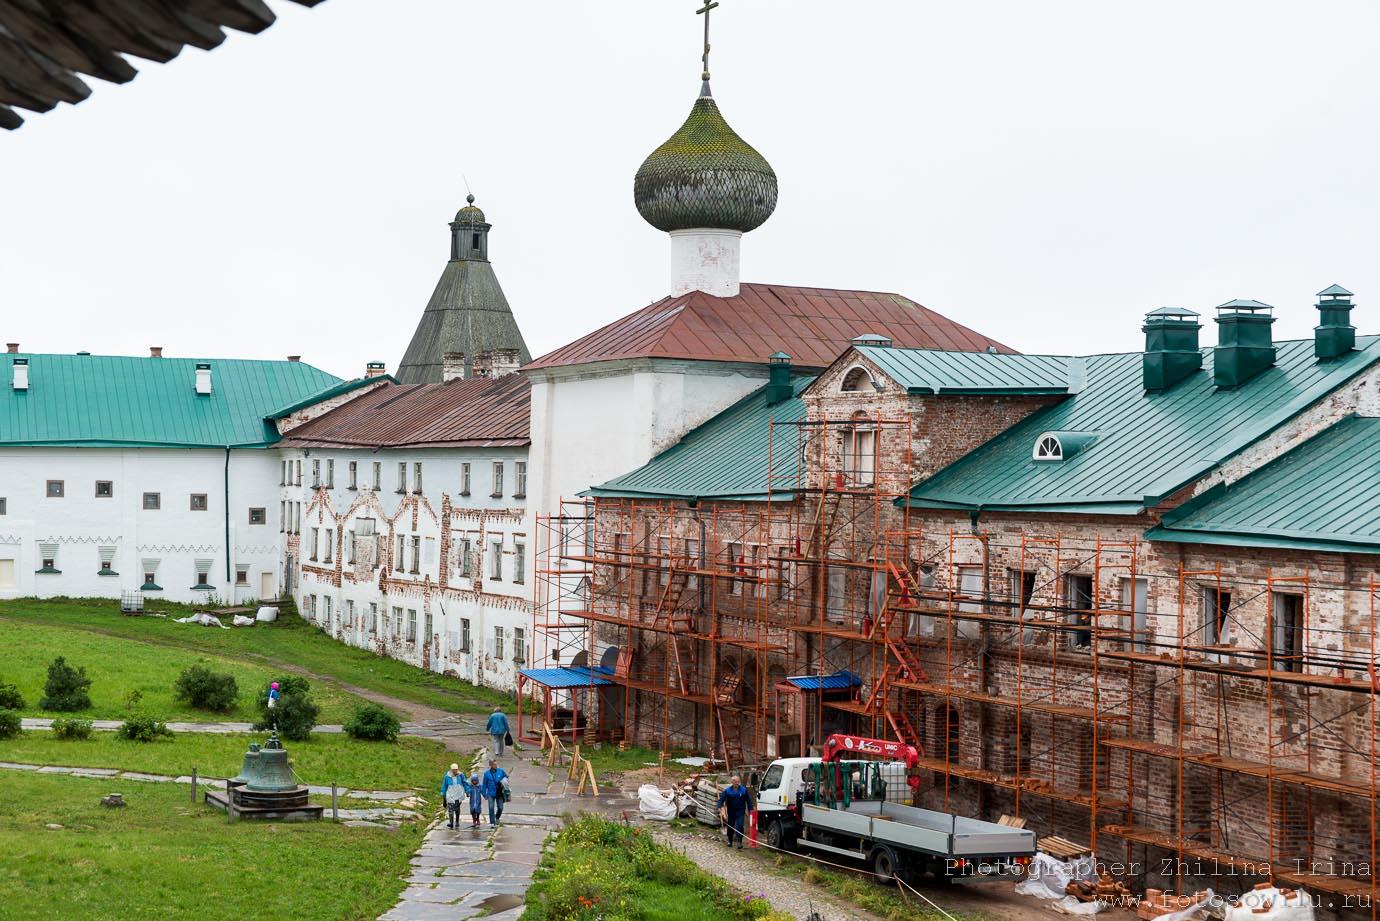 Большой Соловецкйи остров, Соловки, что смотреть на Соловках, как доехать до Соловков, поездки по России, что смотреть в России, куда поехать отдыхать